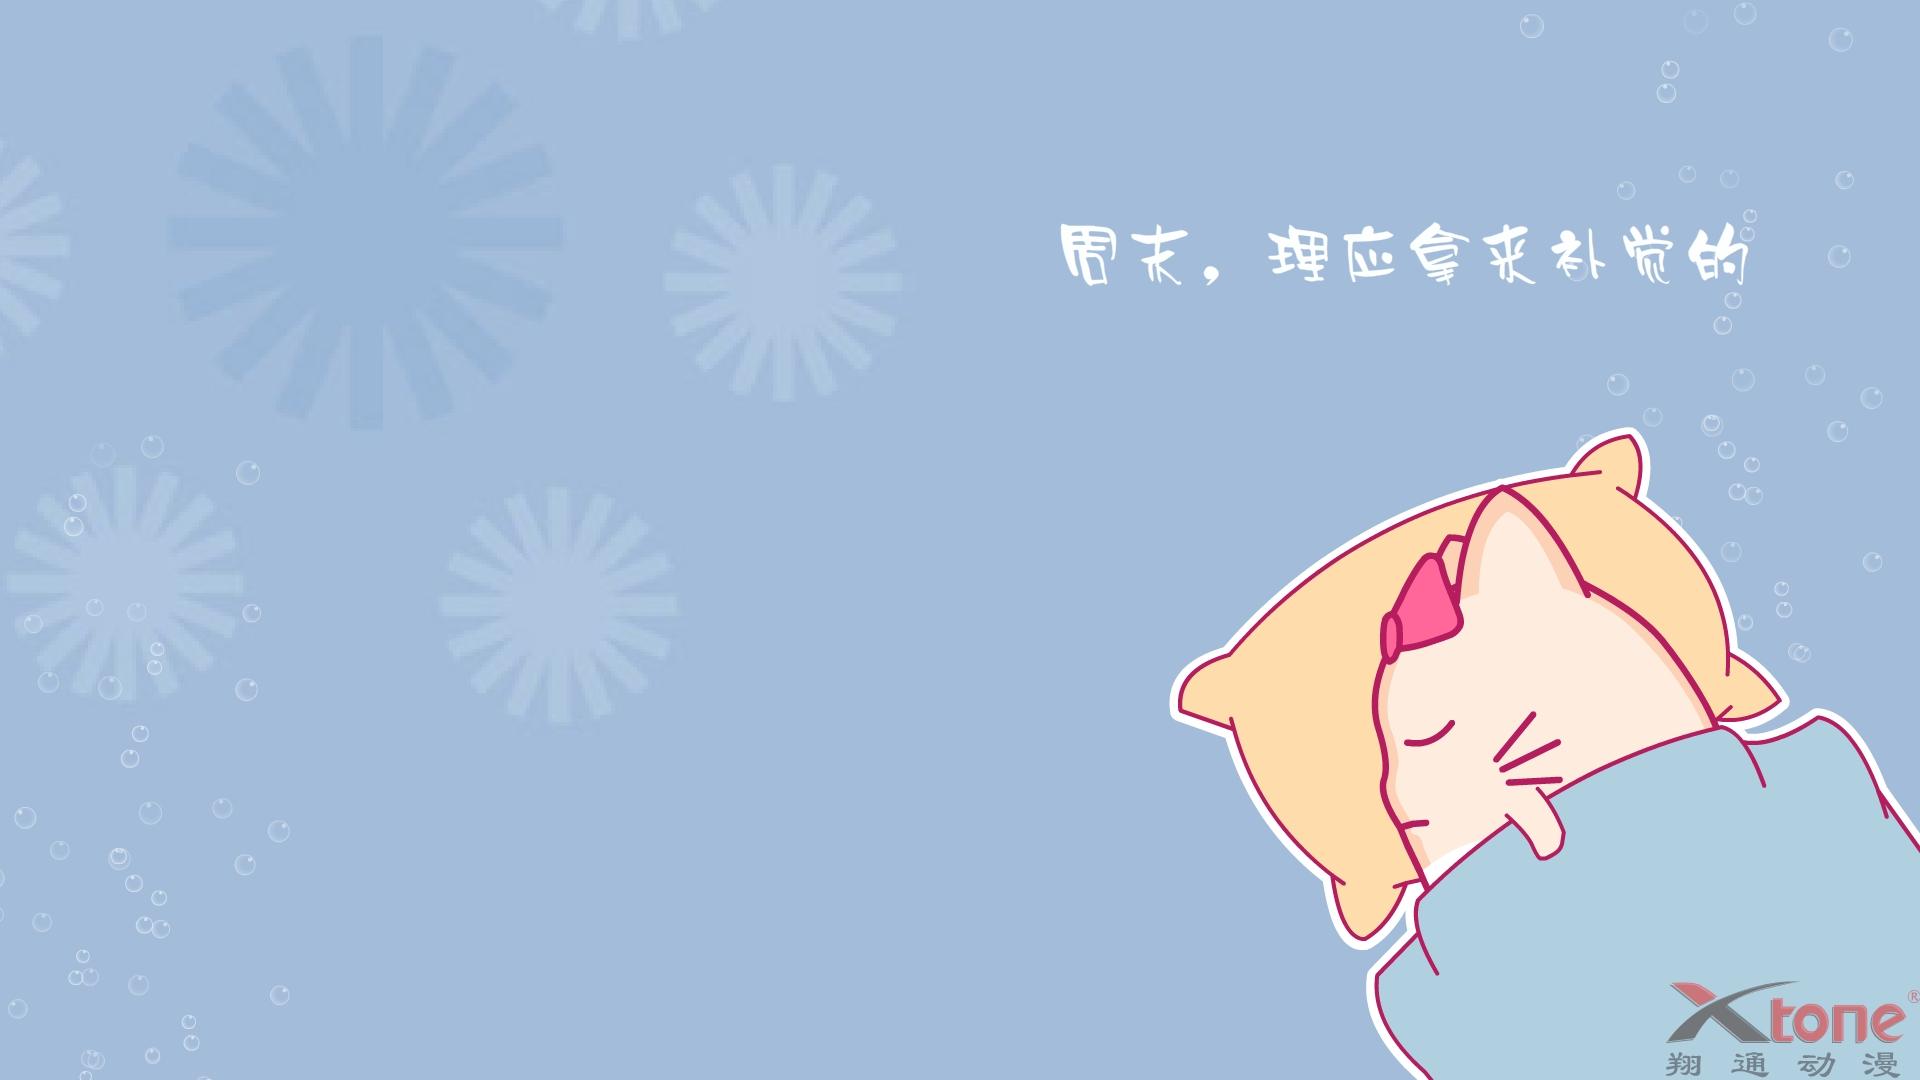 xtone翔通动漫集团-肥肥鼠精美壁纸(一)图片